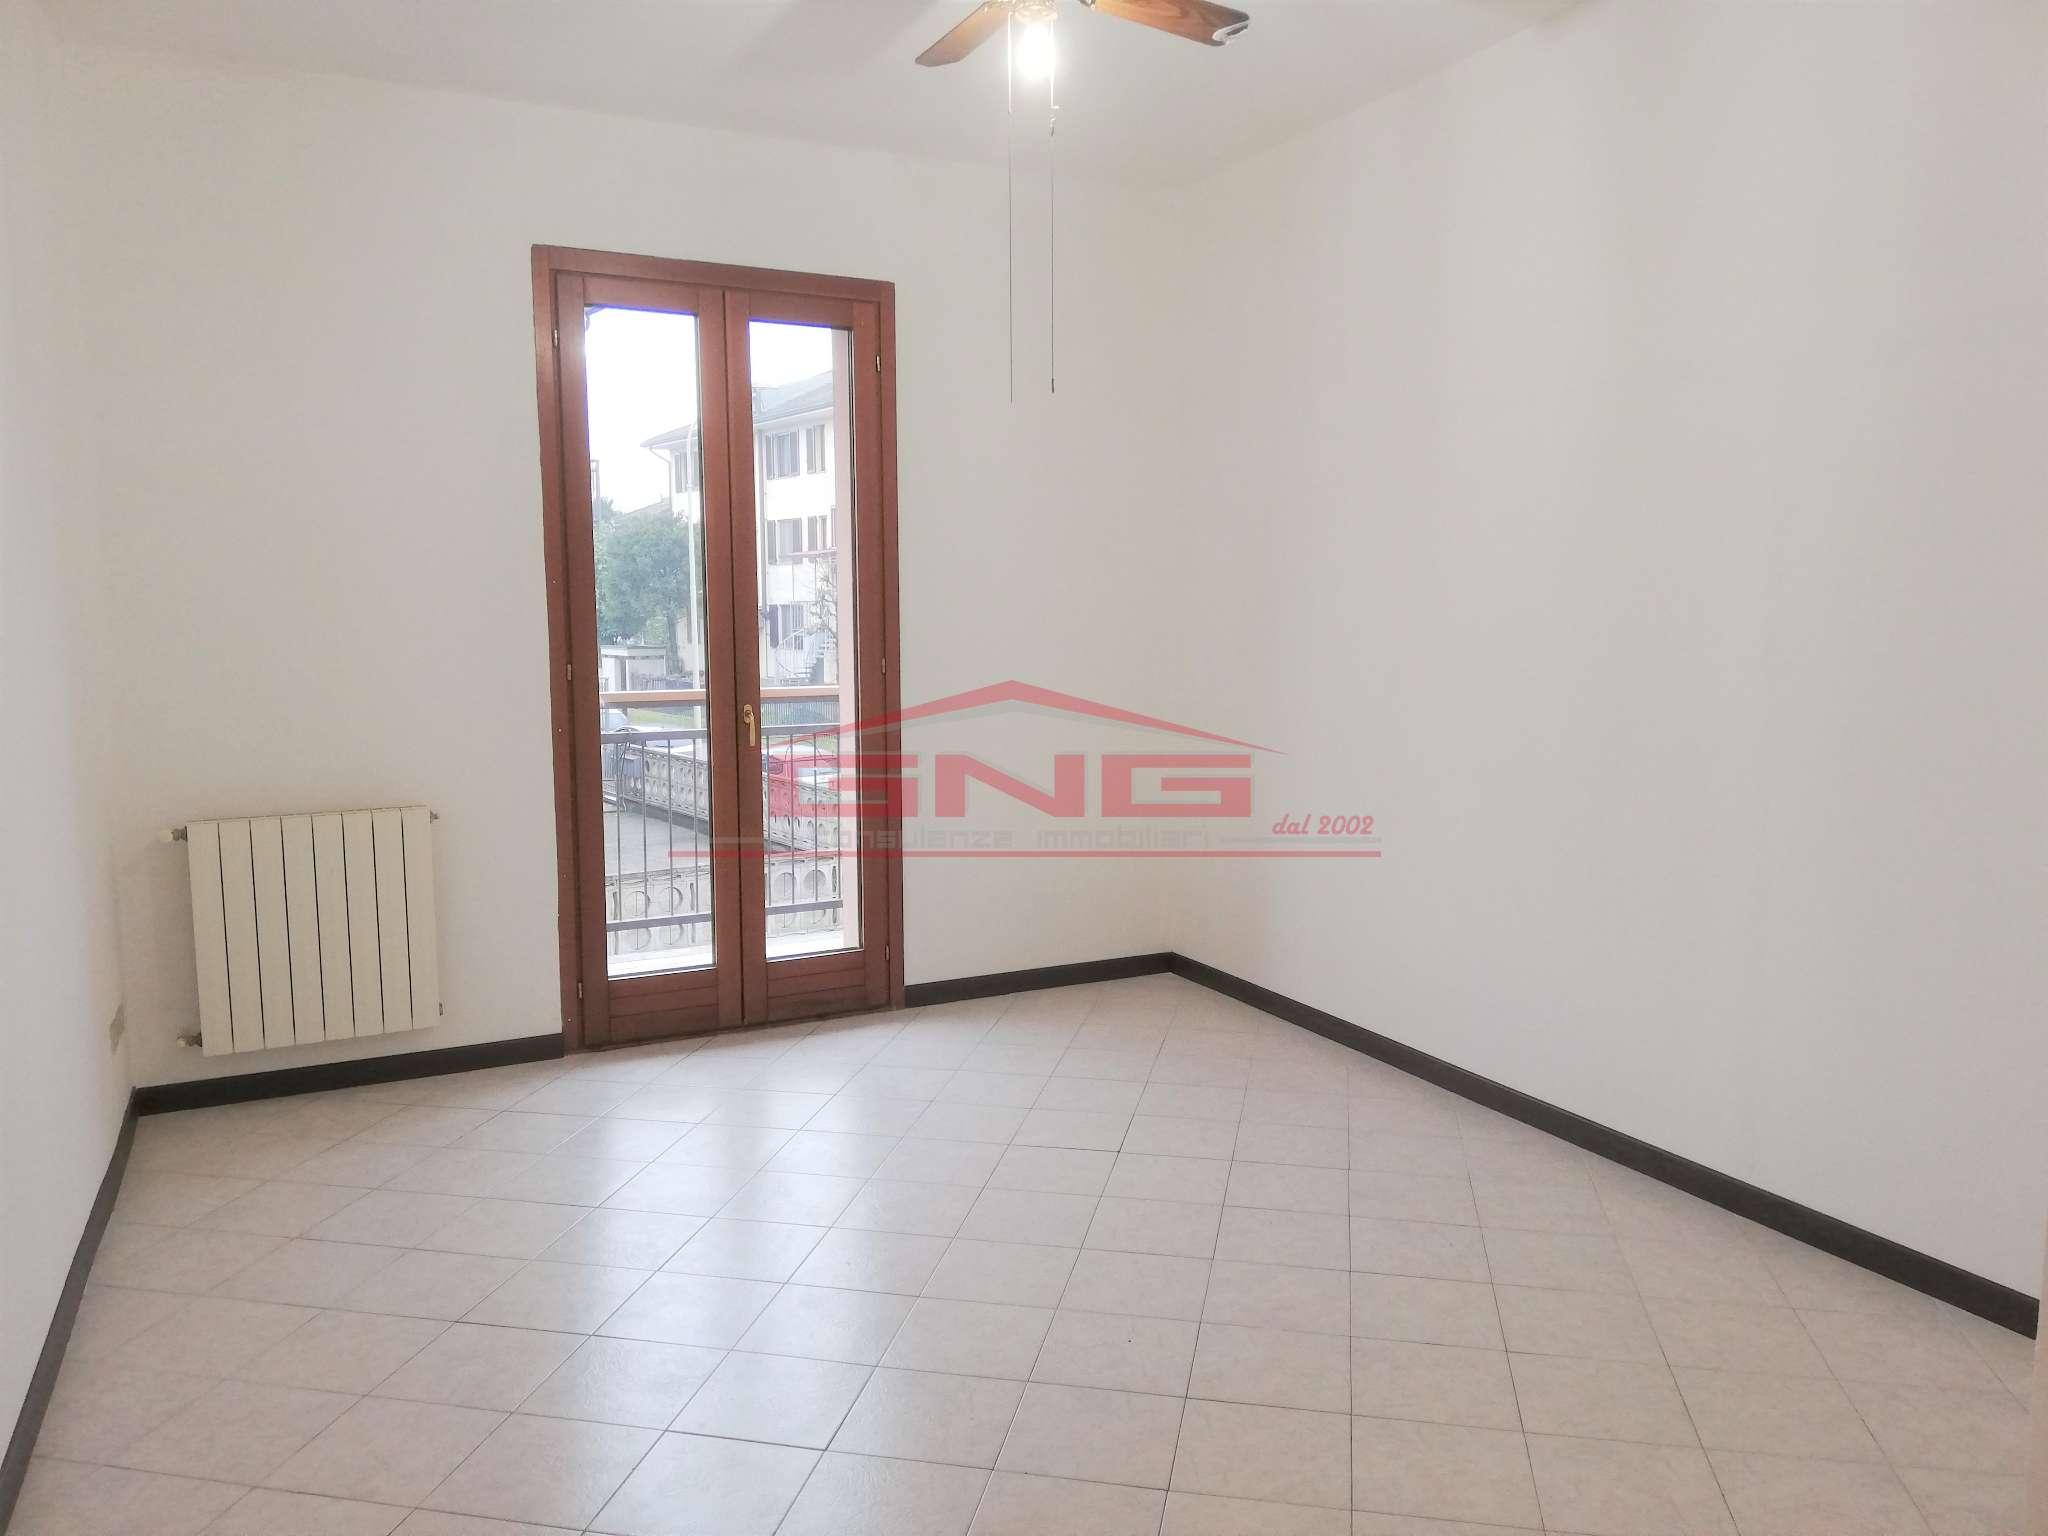 Appartamento in vendita a Carpiano, 2 locali, prezzo € 75.000 | PortaleAgenzieImmobiliari.it